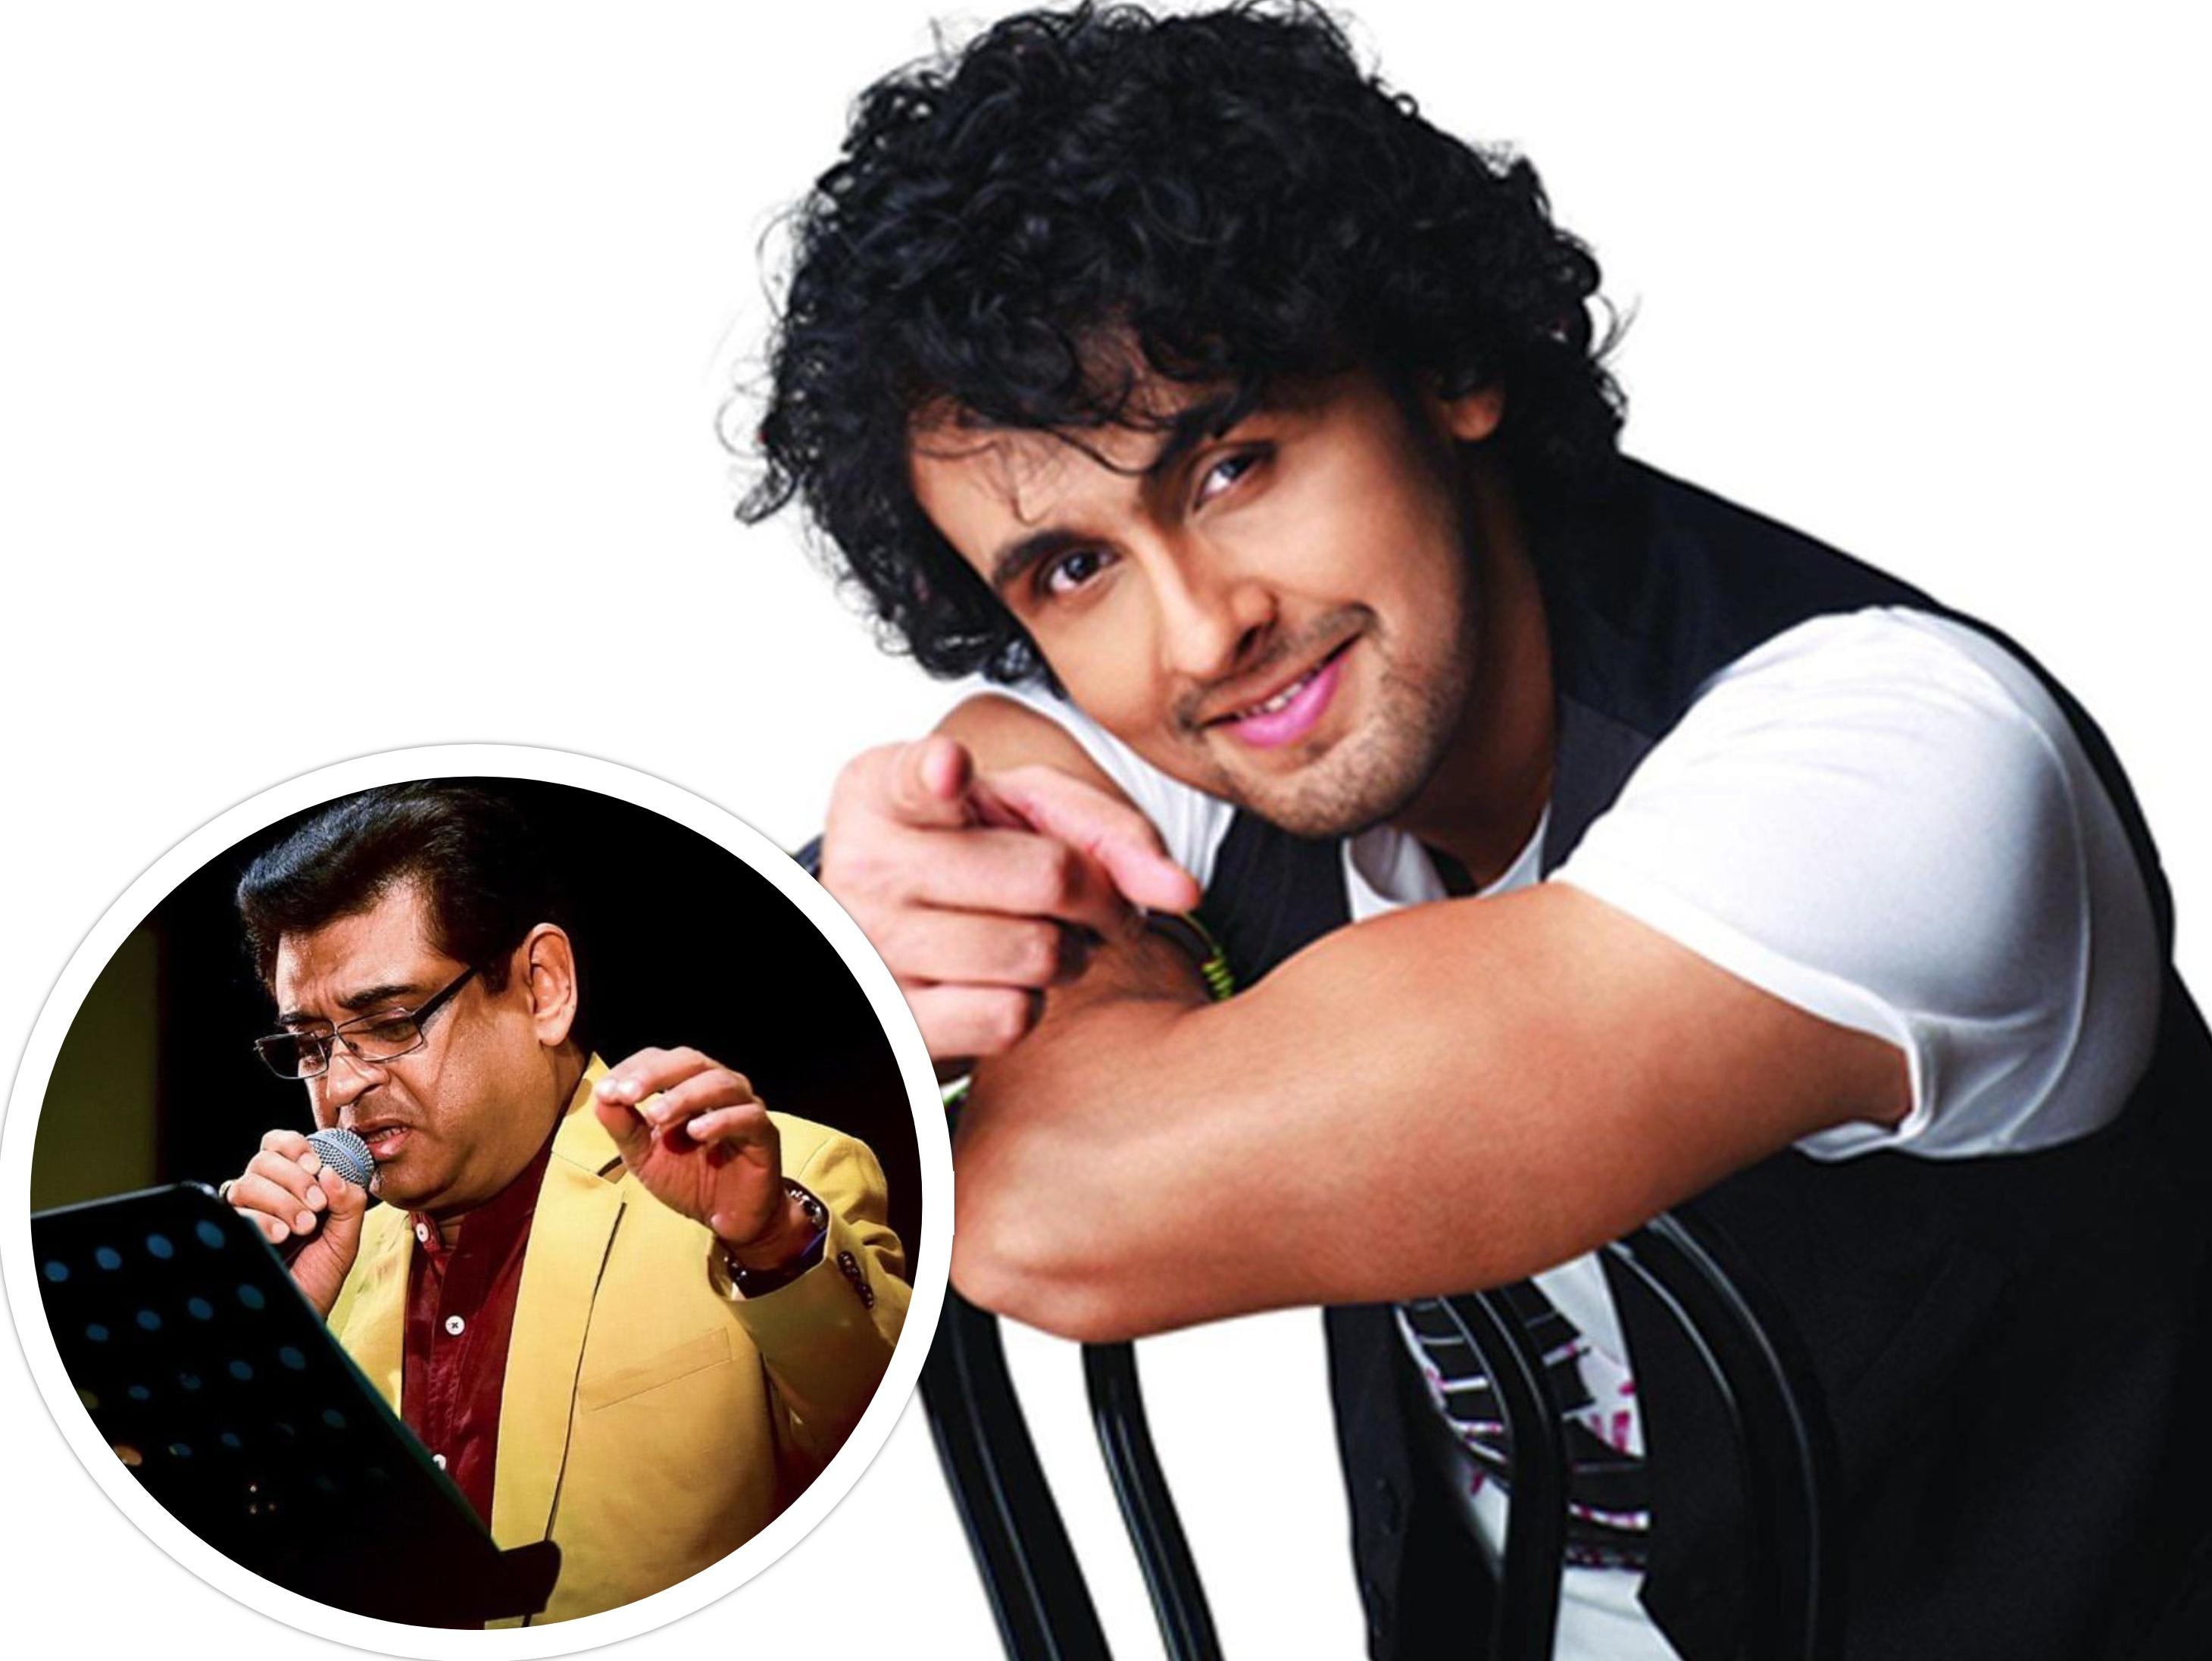 इंडियन आइडल 12 के मेकर्स से बोले सोनू निगम, अमित कुमार की चुप्पी का नाजायज फायदा मत उठाओ, विवाद खत्म करो|टीवी,TV - Dainik Bhaskar